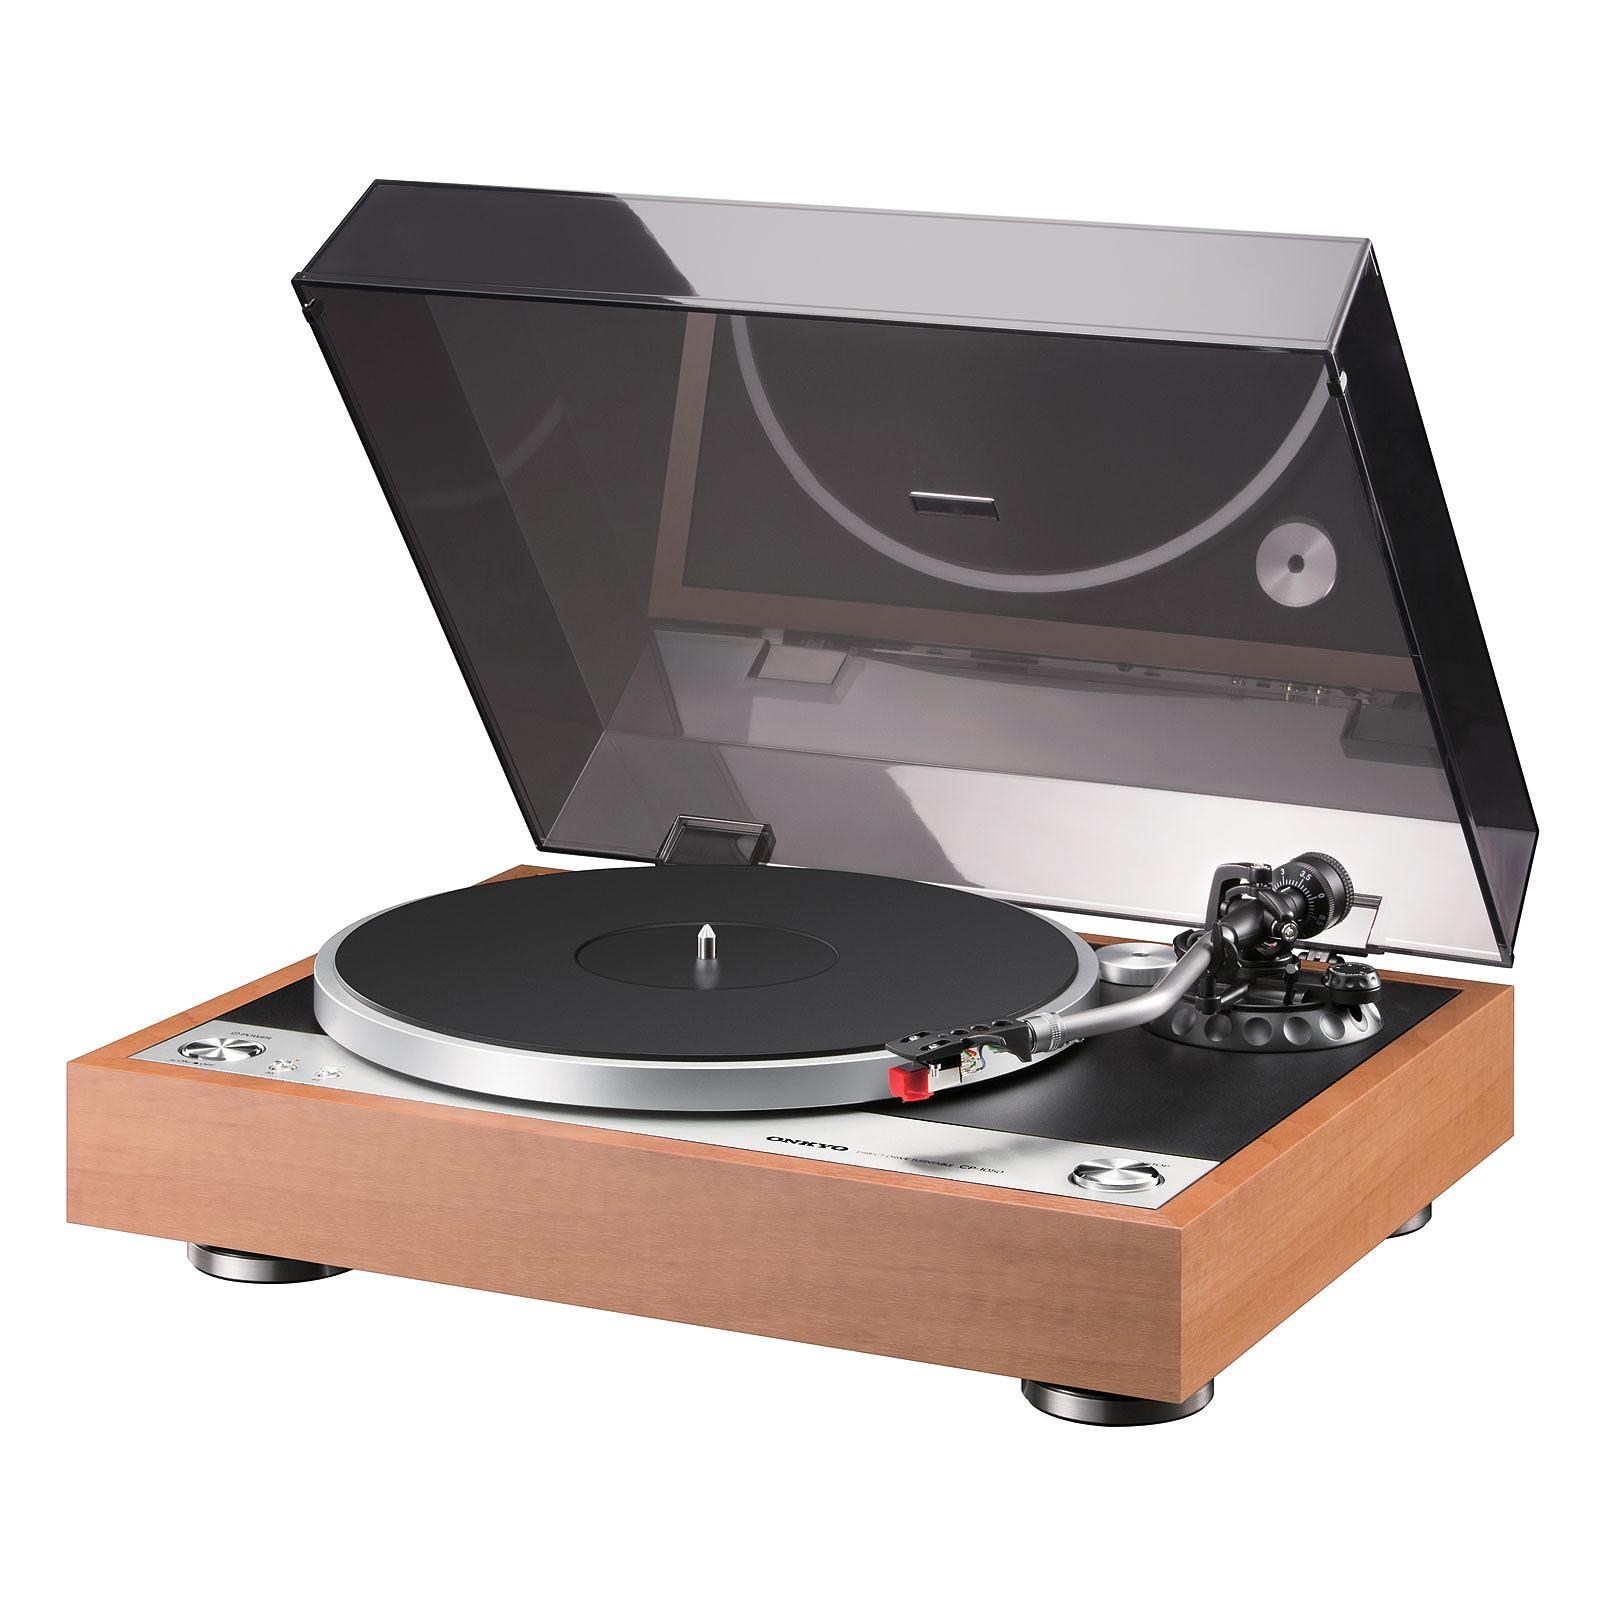 Quelle Marque De Platine Vinyle Choisir onkyo cp-1050 bois - platine vinyle onkyo sur ldlc